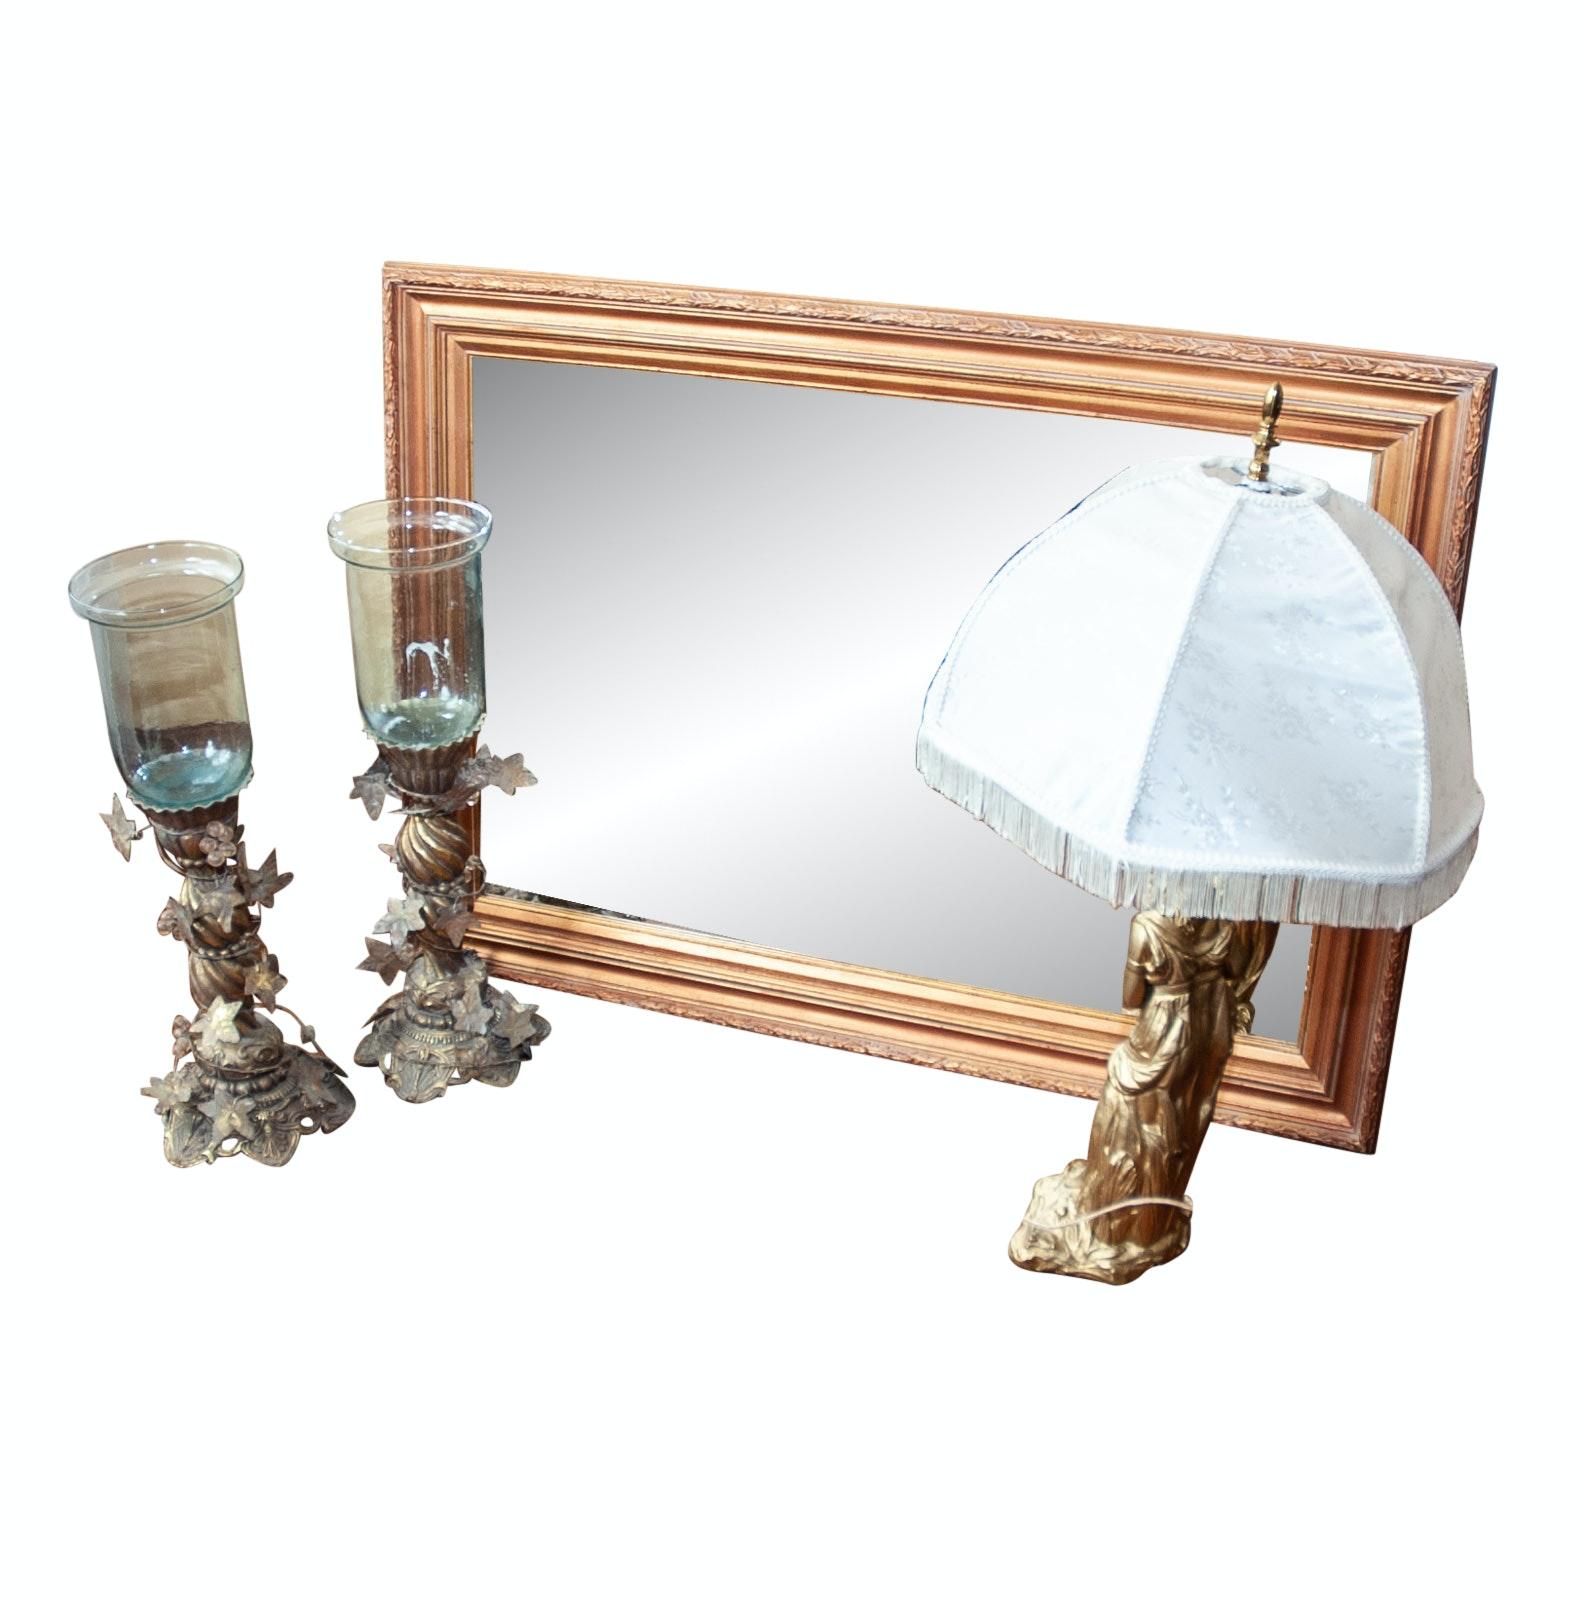 Decor Assortment Including Gilt Mirror